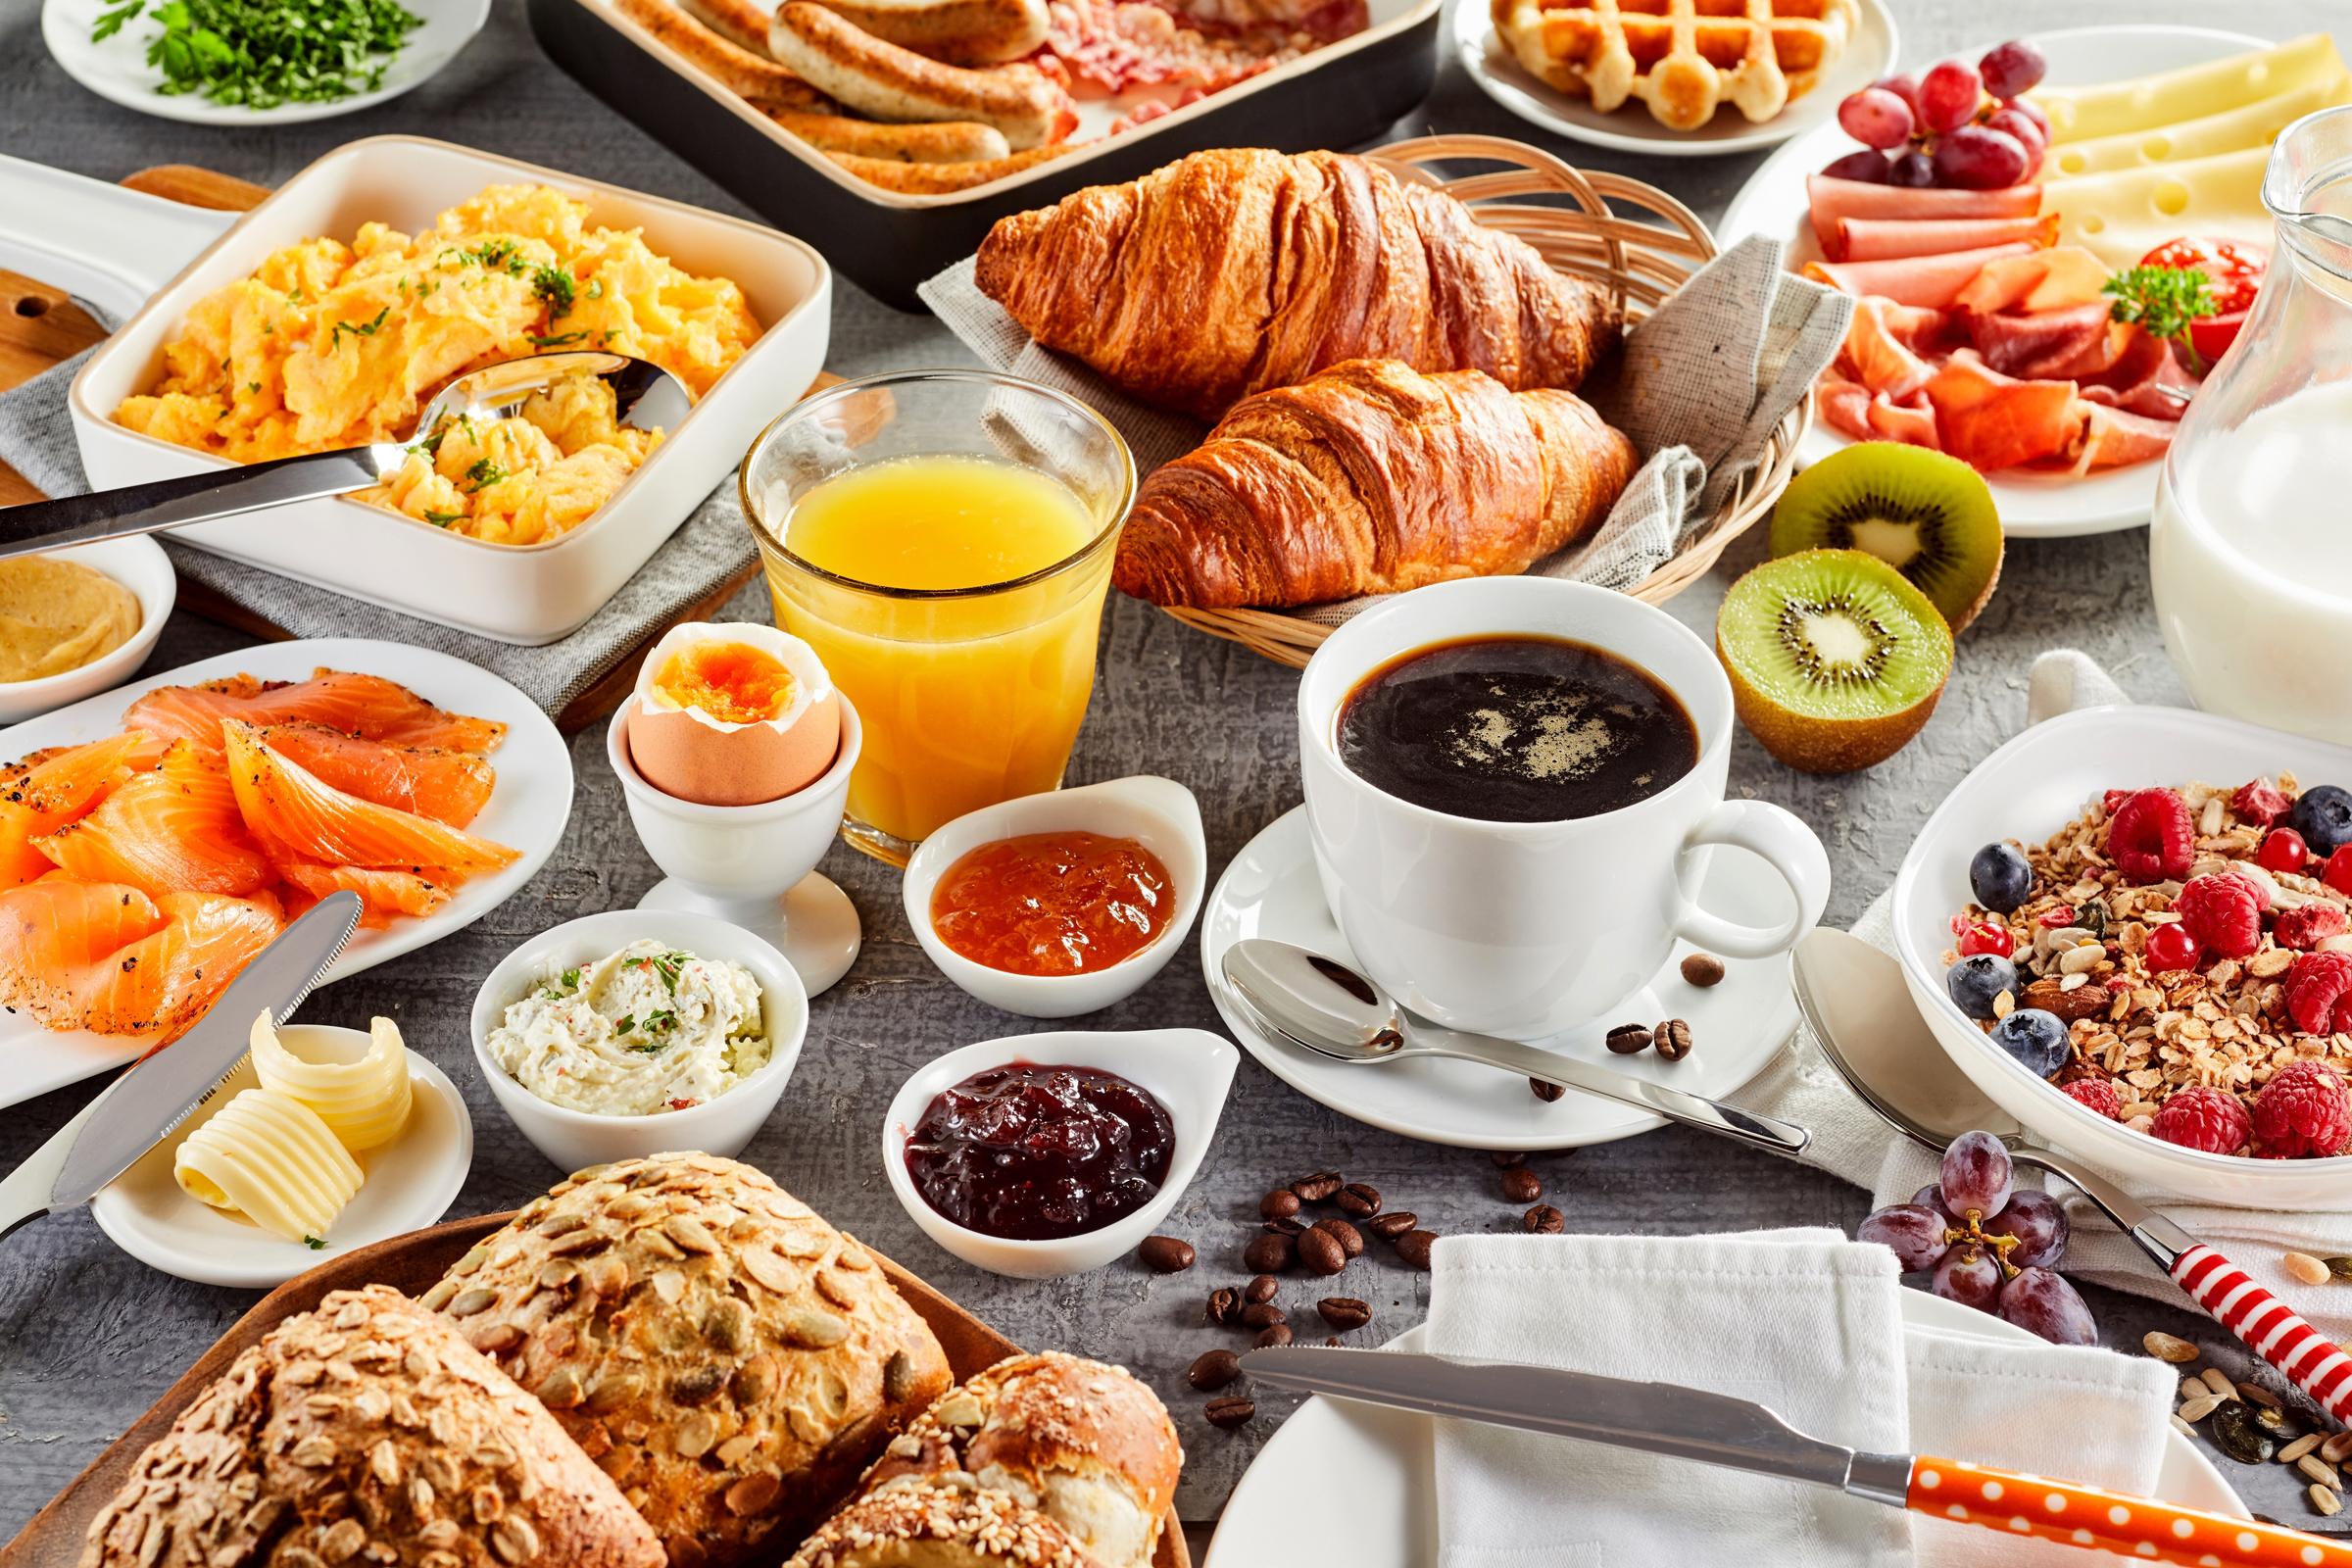 az étkezés kihagyása segít a fogyásban